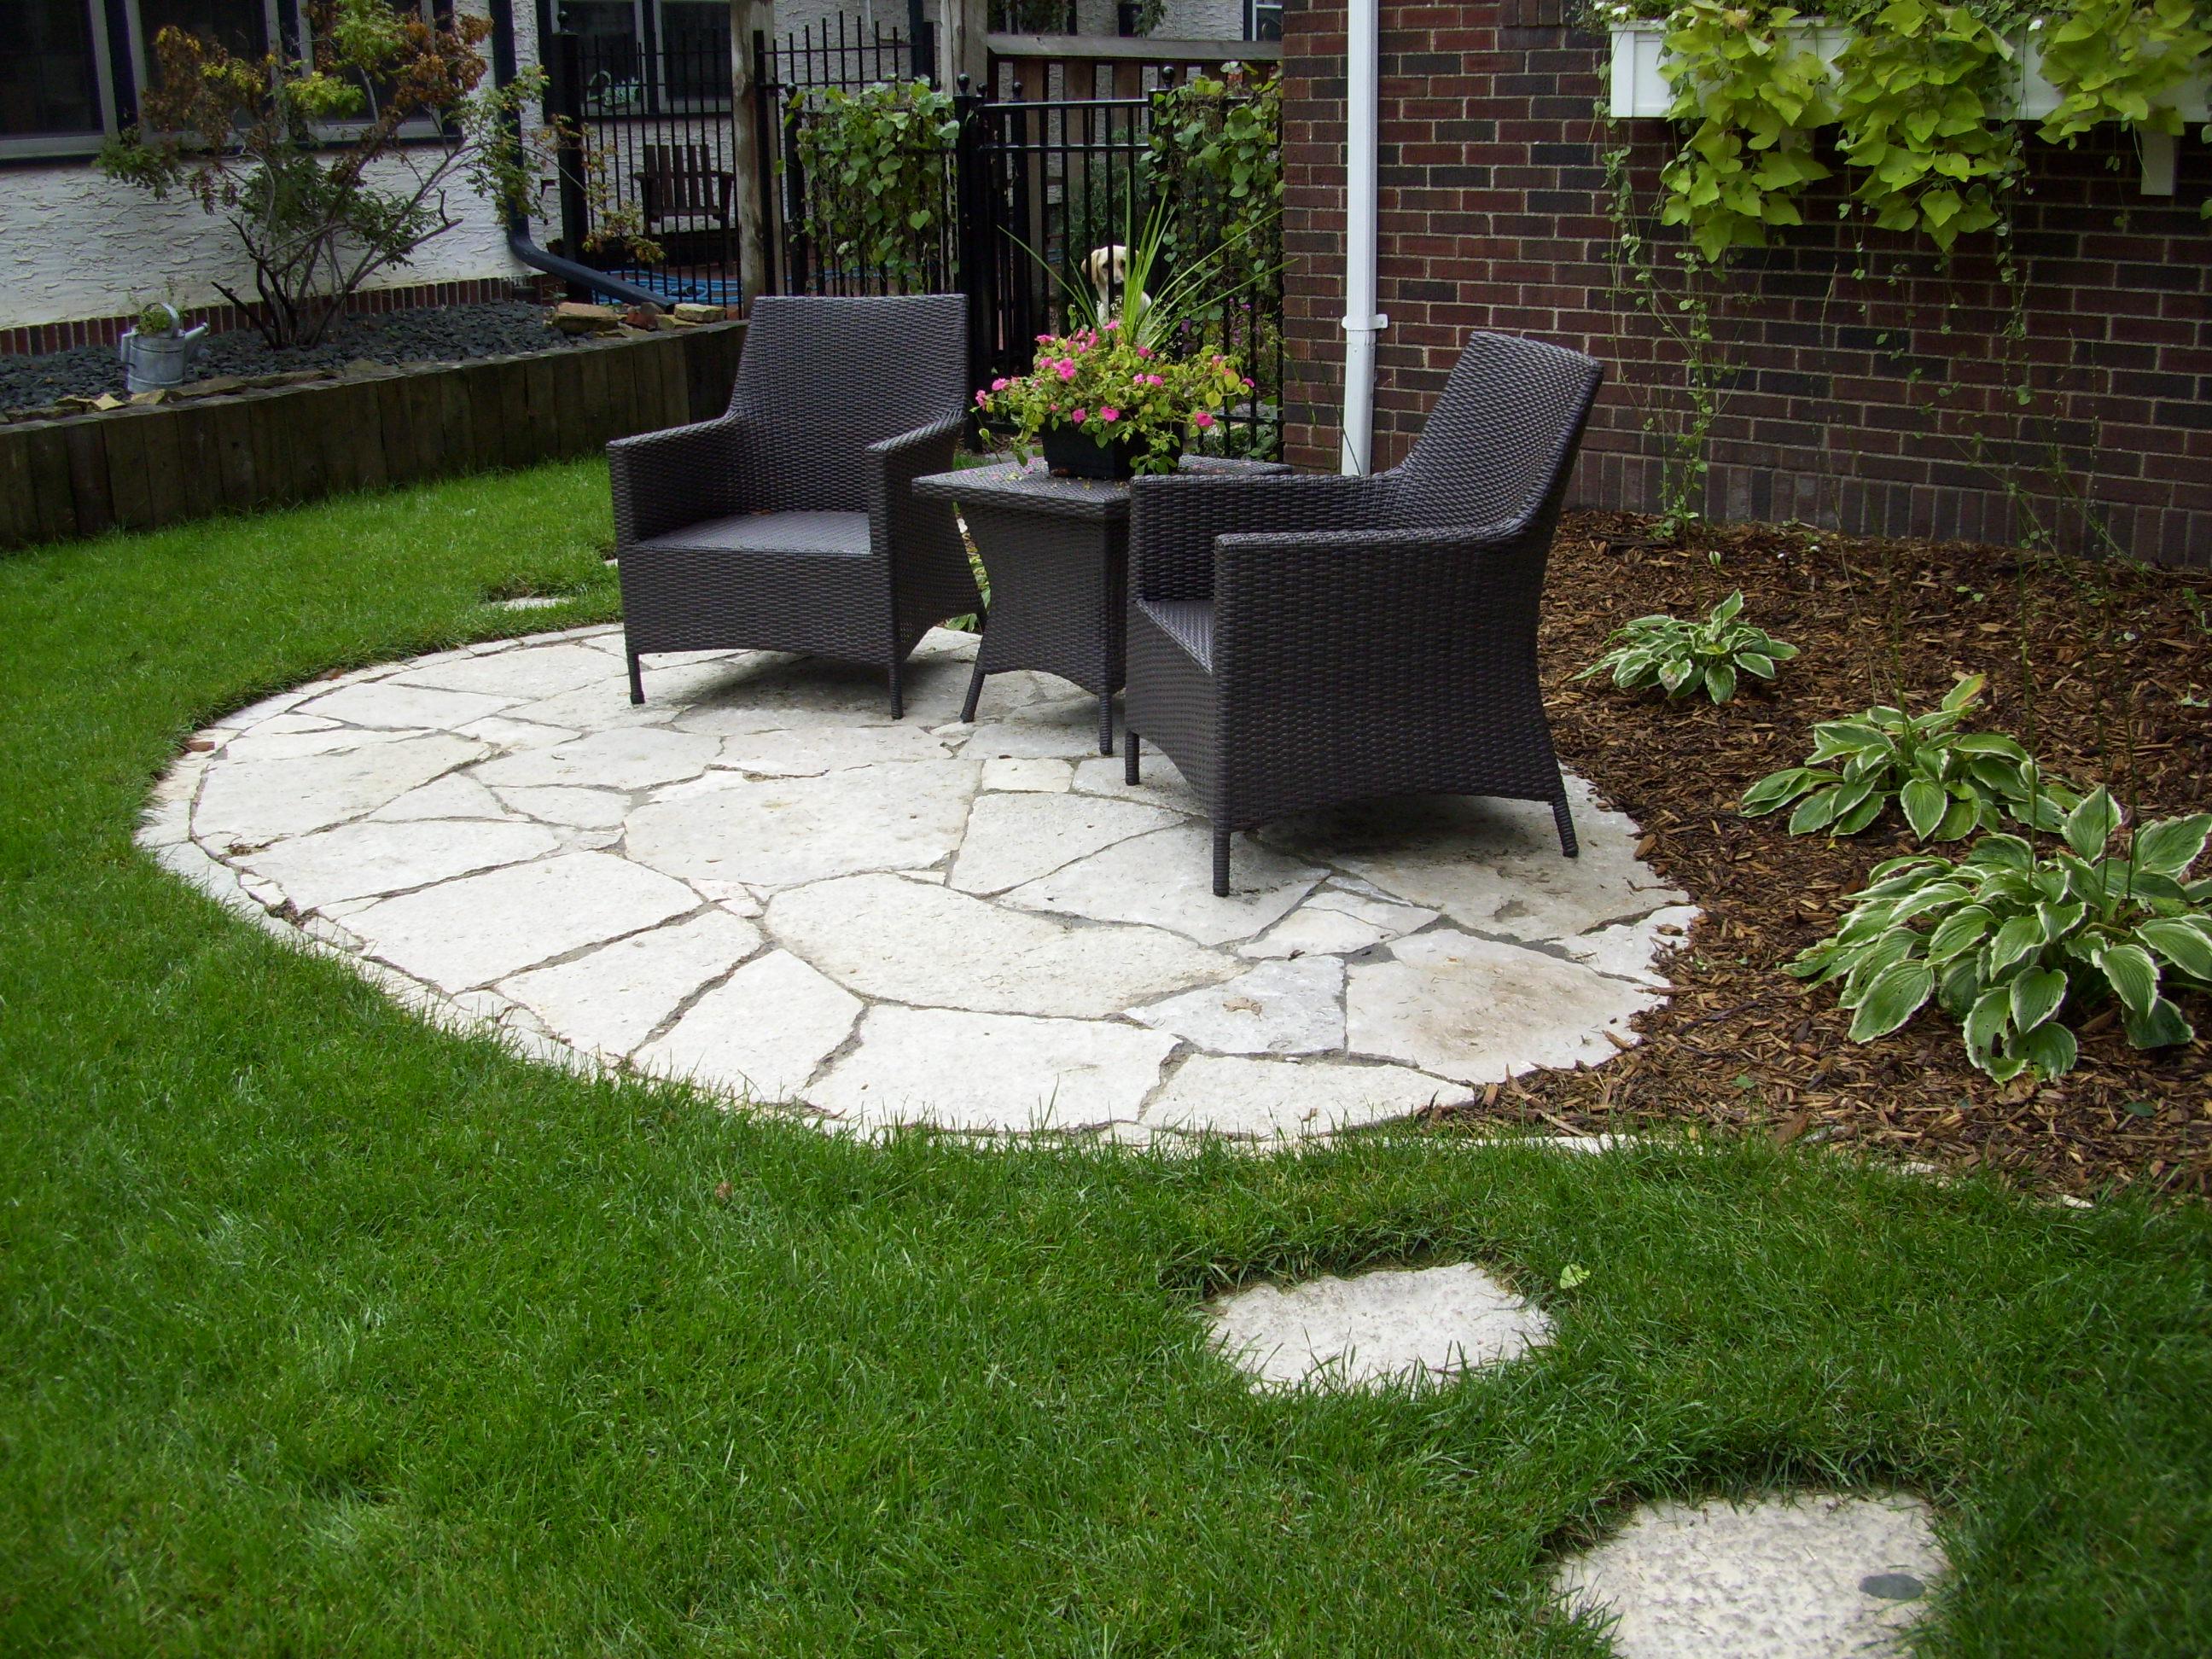 площадка для отдыха на заднем дворе садовая мебель